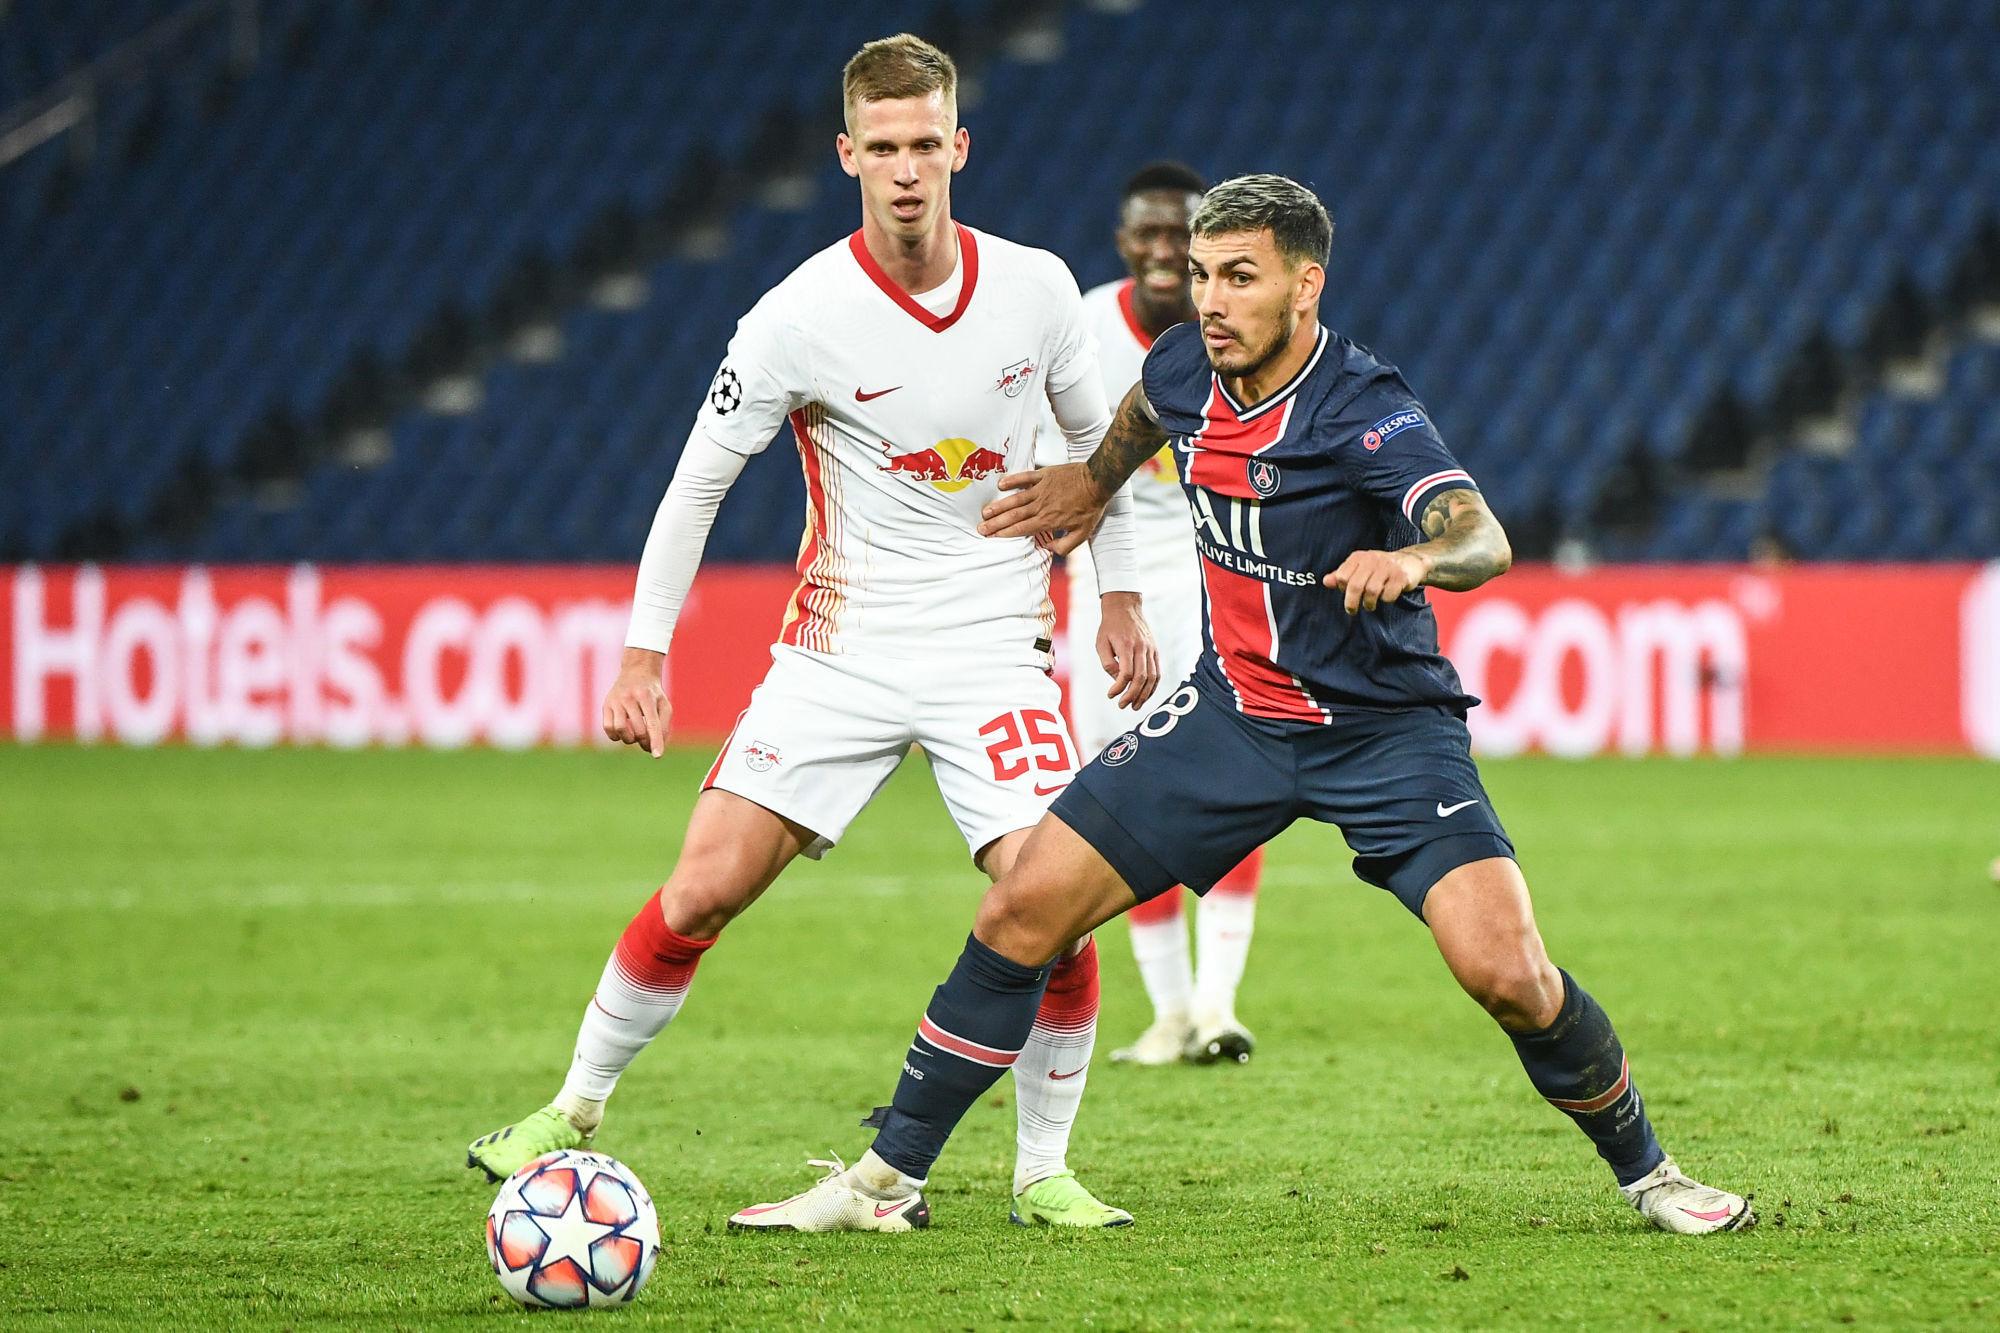 PSG/Leipzig - Paredes explique la tactique par l'état physique de l'équipe